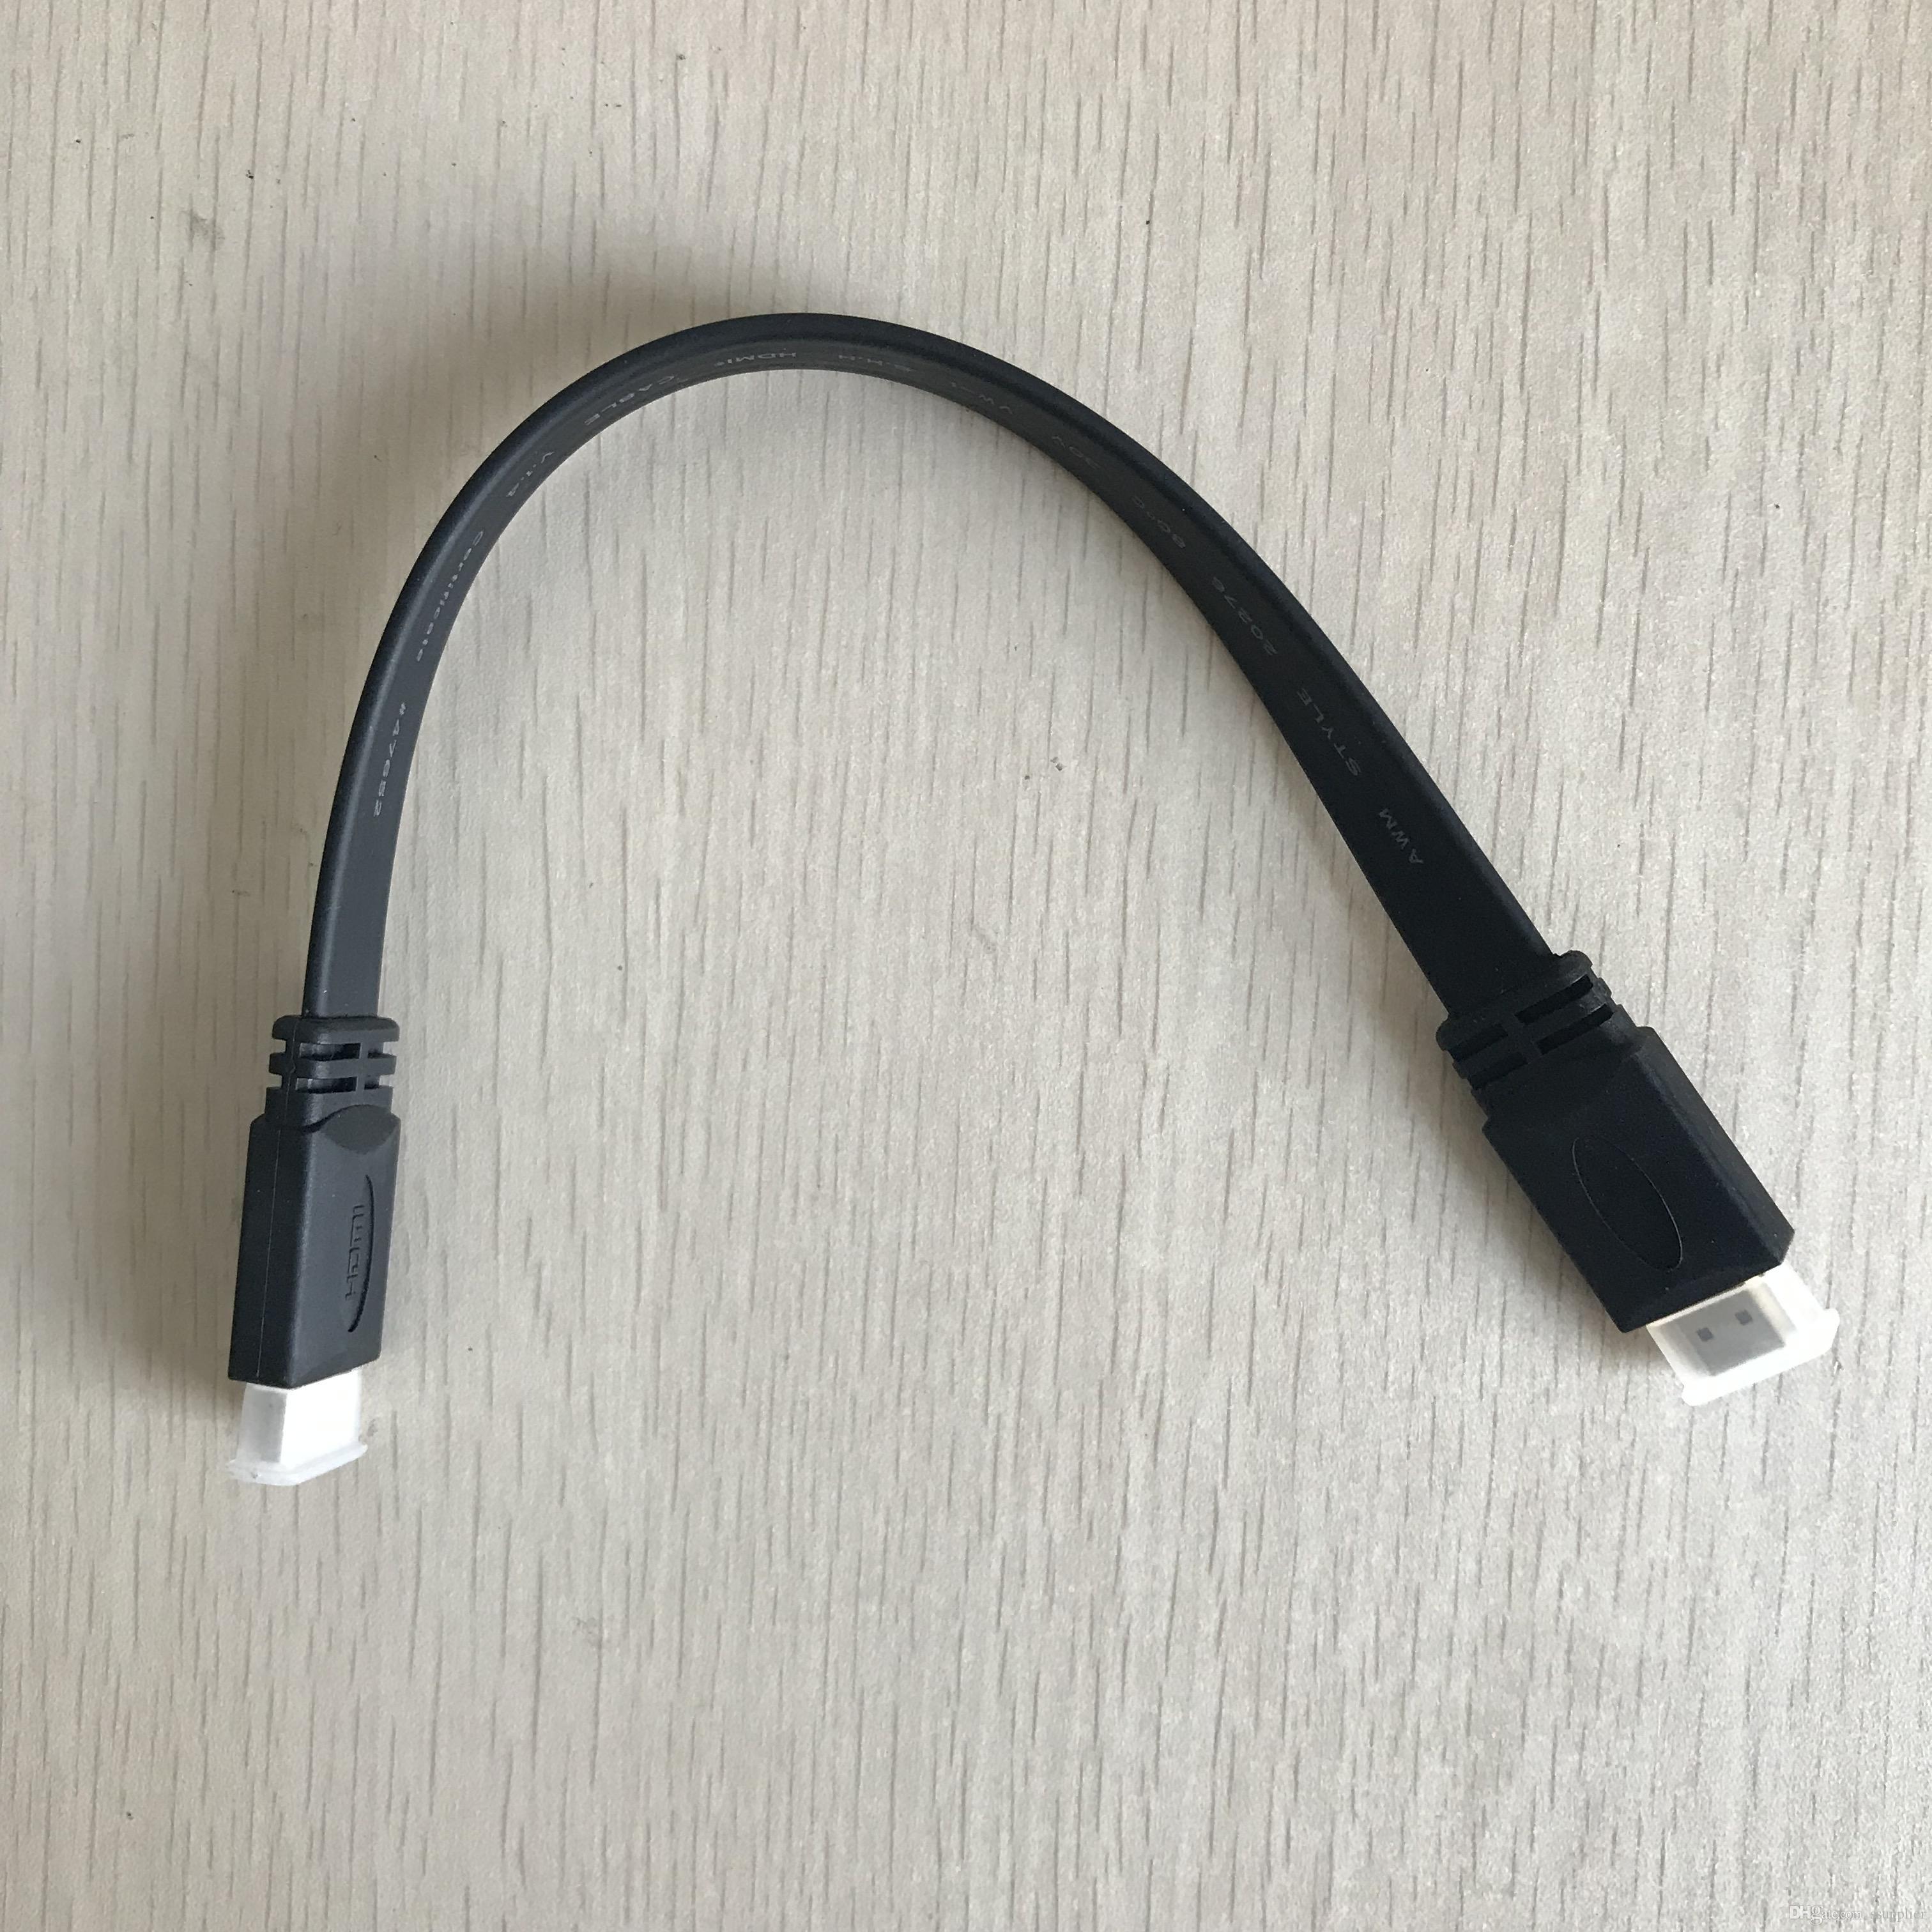 lunghezza 20 cm Cavo Piatto Flat Cable 3M 20 poli con 2 connettori femmina